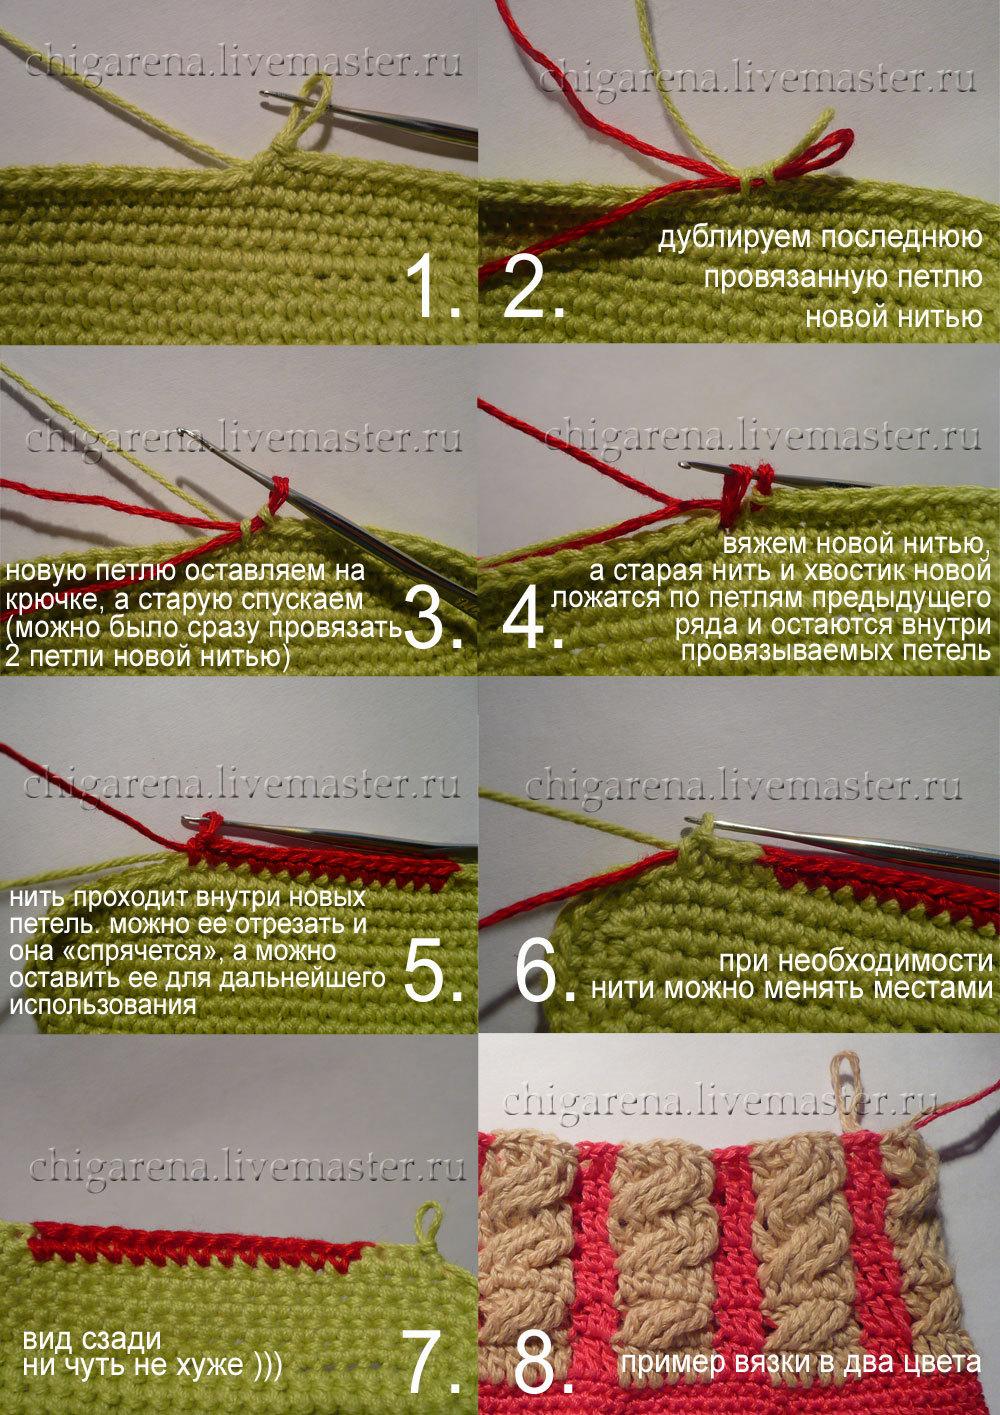 Вязание крючком юбки для женщин со схемами и 2